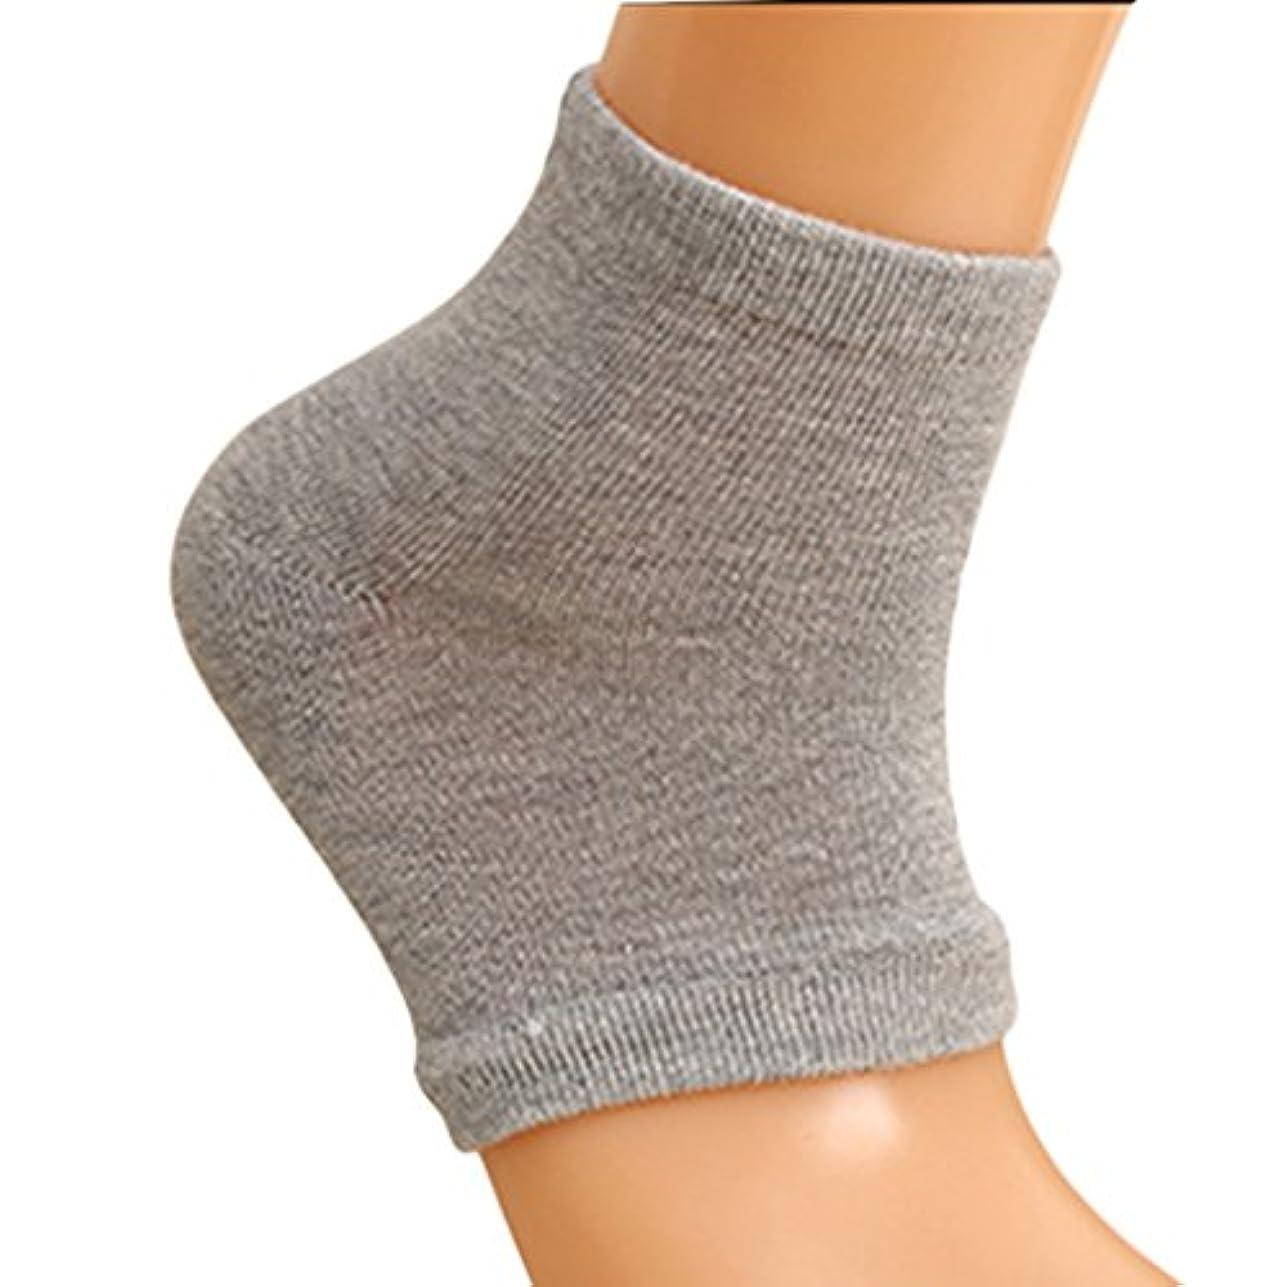 スクワイア乱暴な最大のSeliyi 2色組 靴下 ソックス レディース メンズ 靴下 つるつる 靴下 フットケア かかとケア ひび 角質ケア 保湿 角質除去(ピンク+グレー)